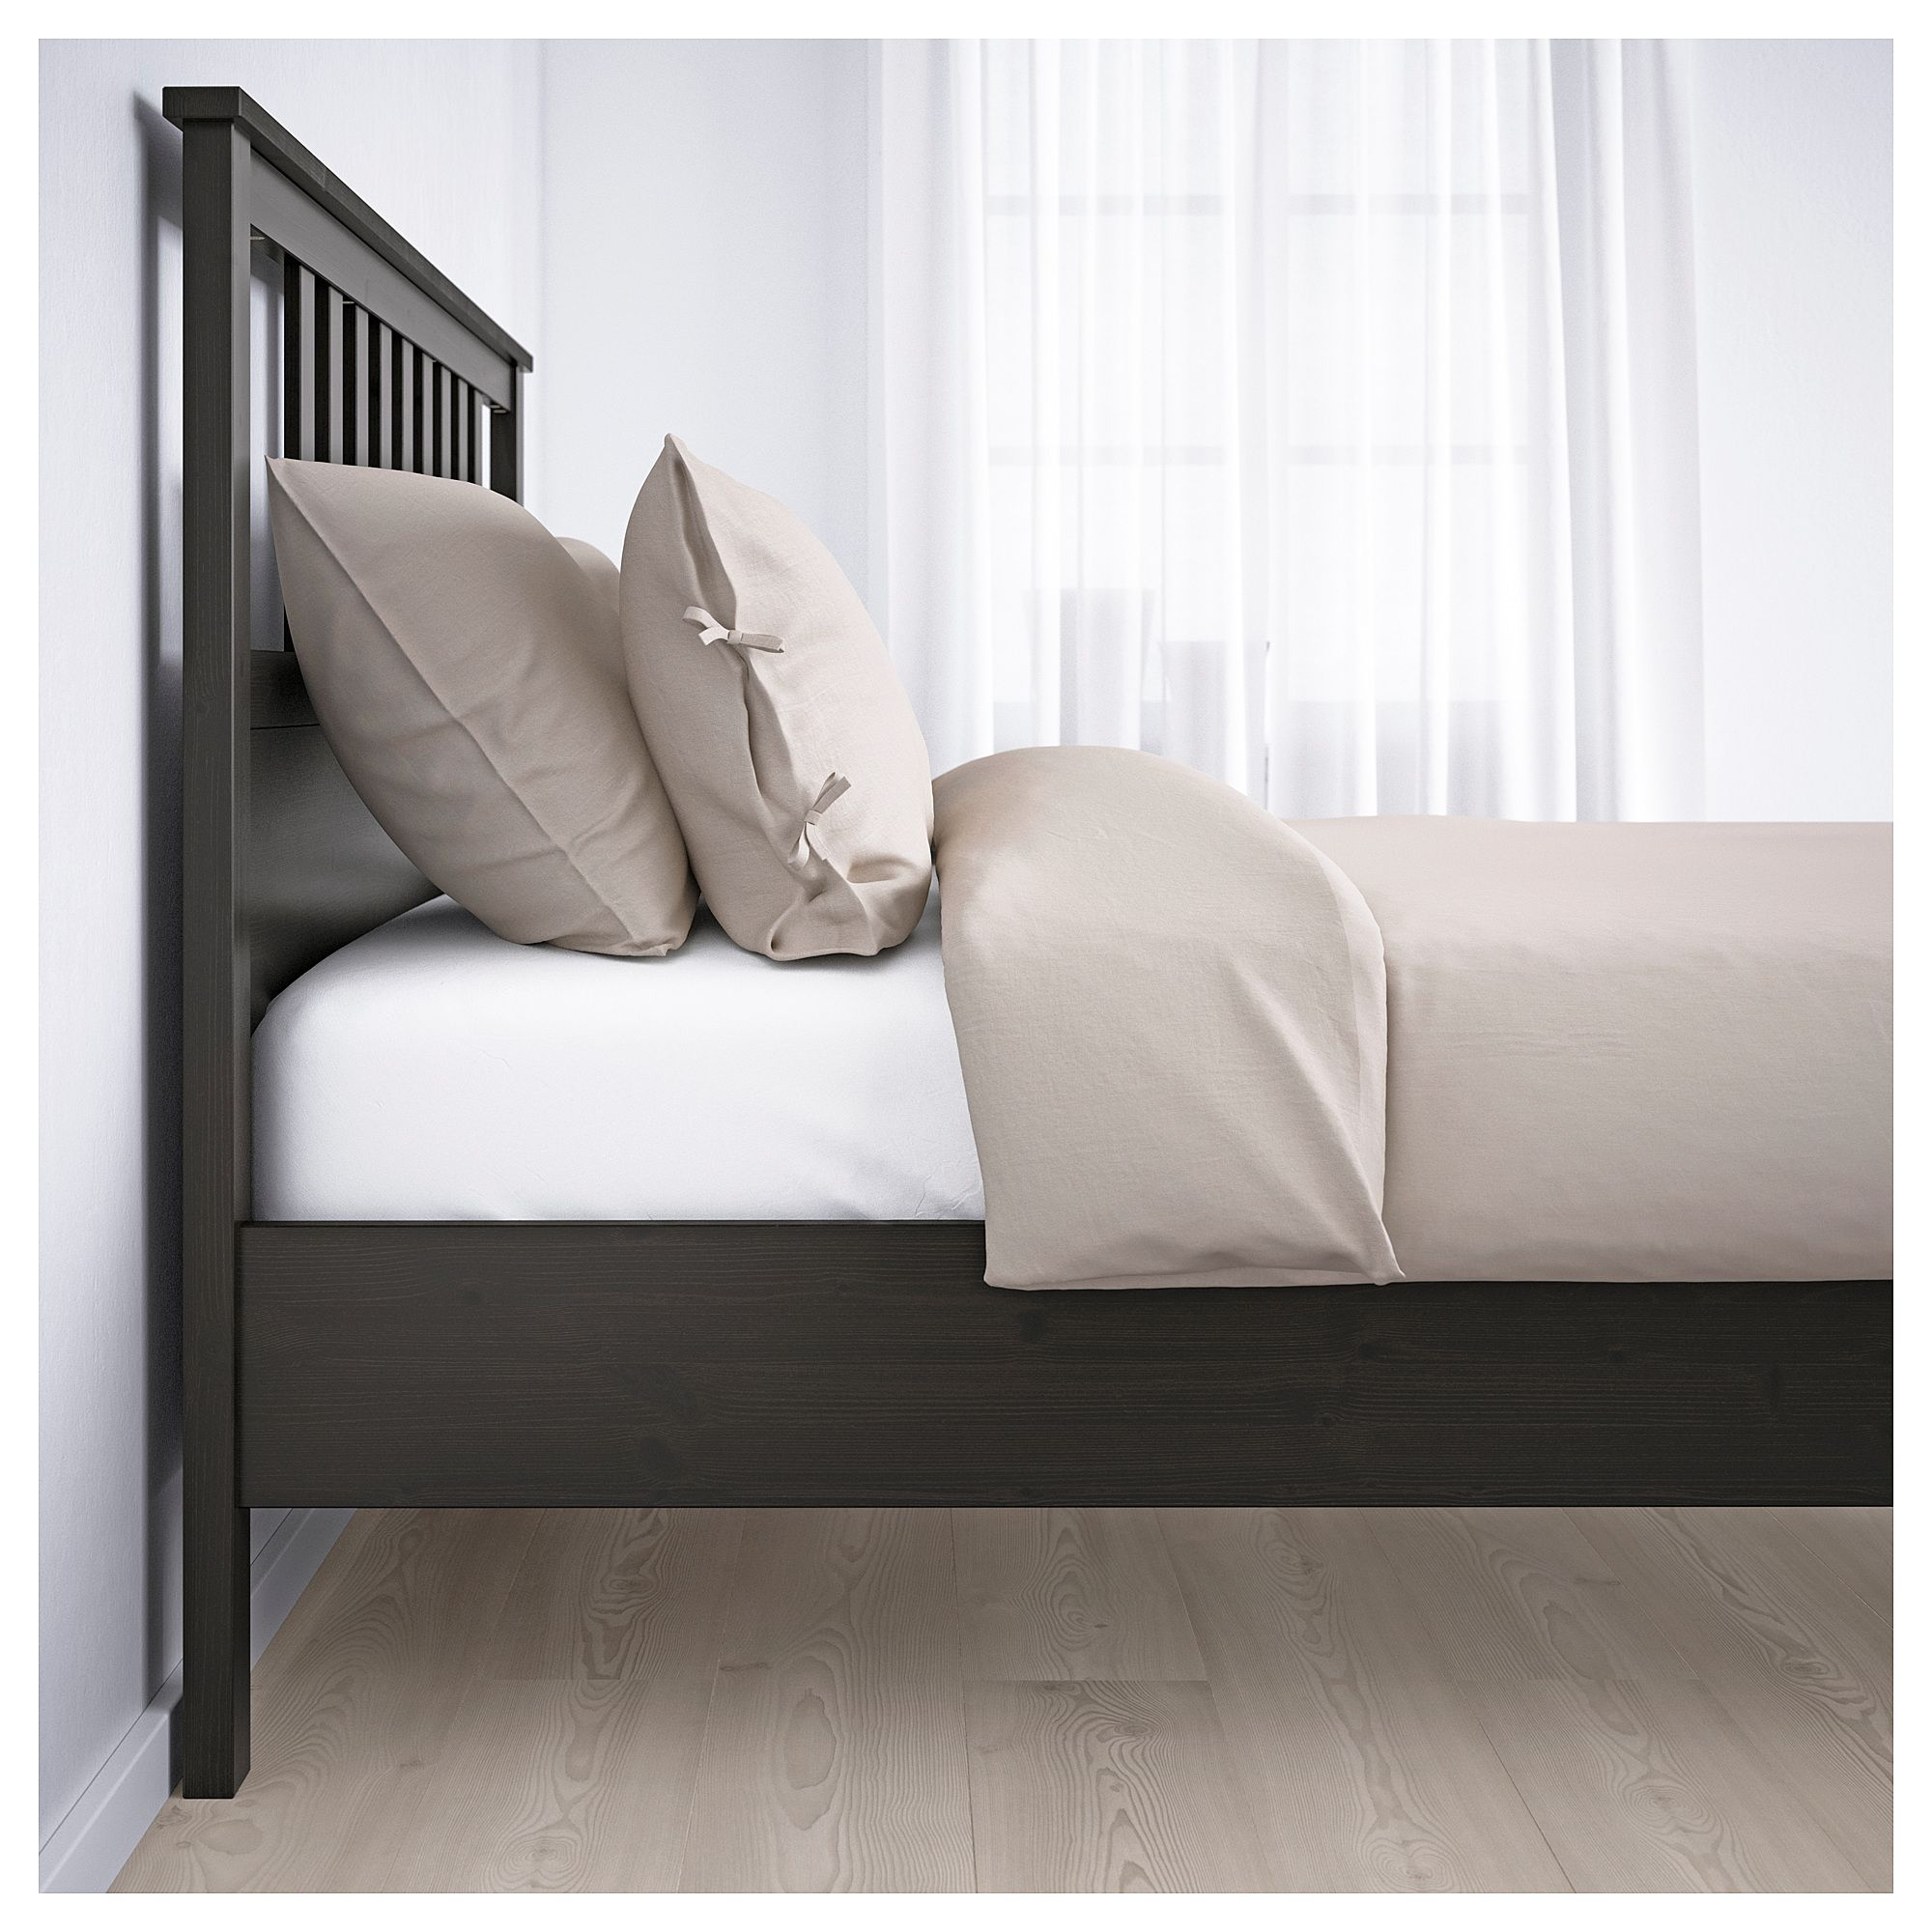 Hemnes Bettgestell Schwarzbraun Leirsund Ikea Hemnes Bett